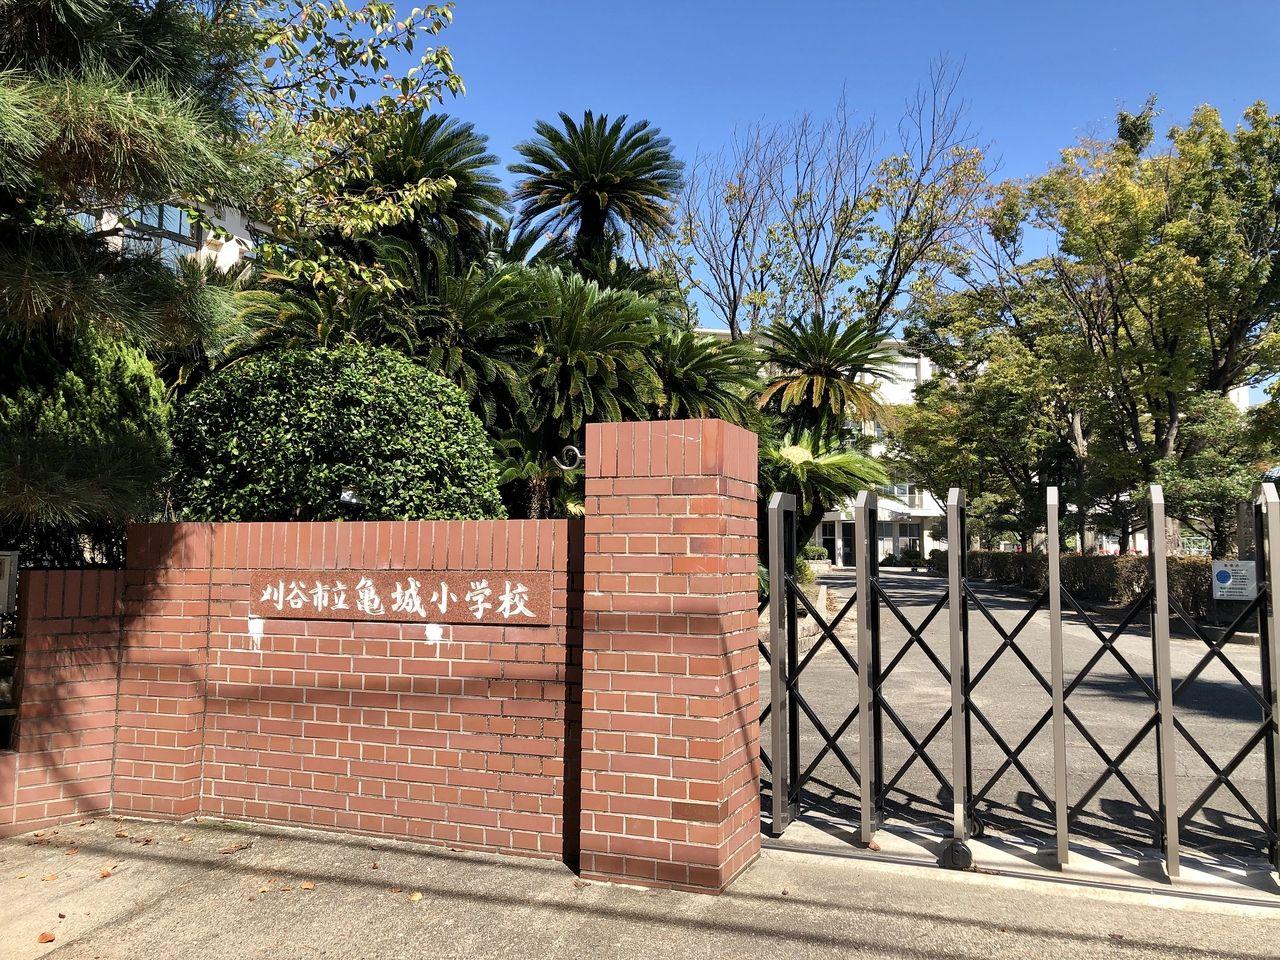 刈谷市で一番歴史のある小学校。昭和初期の1928年(昭和3年)10月には大中肇の設計による本館の、木造の校舎は現在刈谷市郷土資料館となっています。